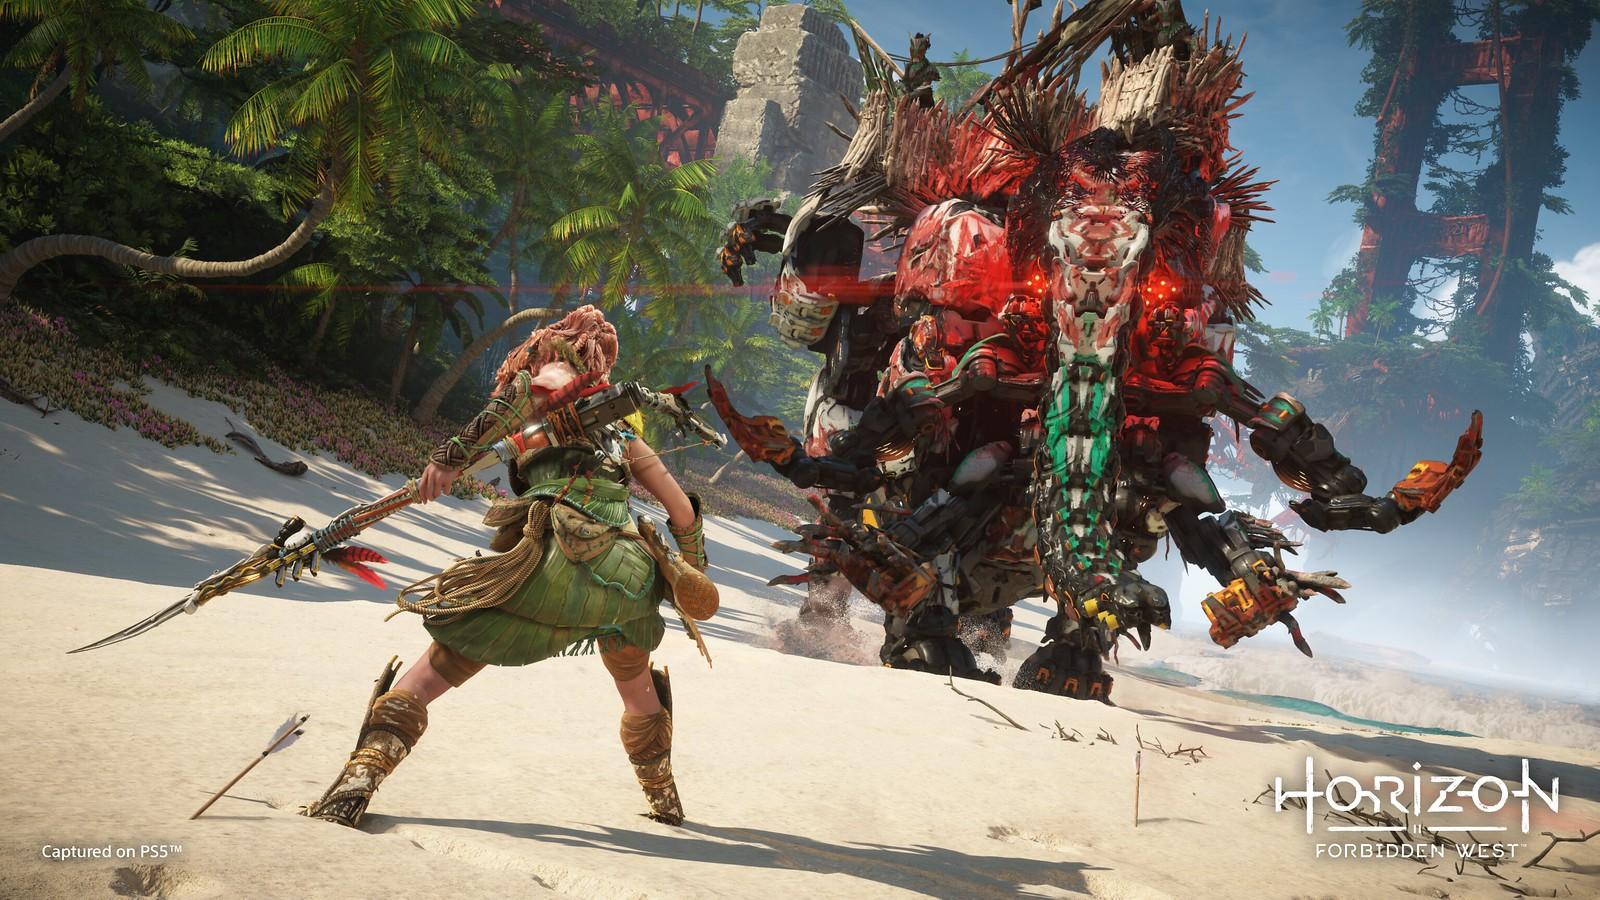 ため息が出るほど美しい「Horizon Forbidden West」のPS5ゲームプレイ映像がState of Playで初公開!